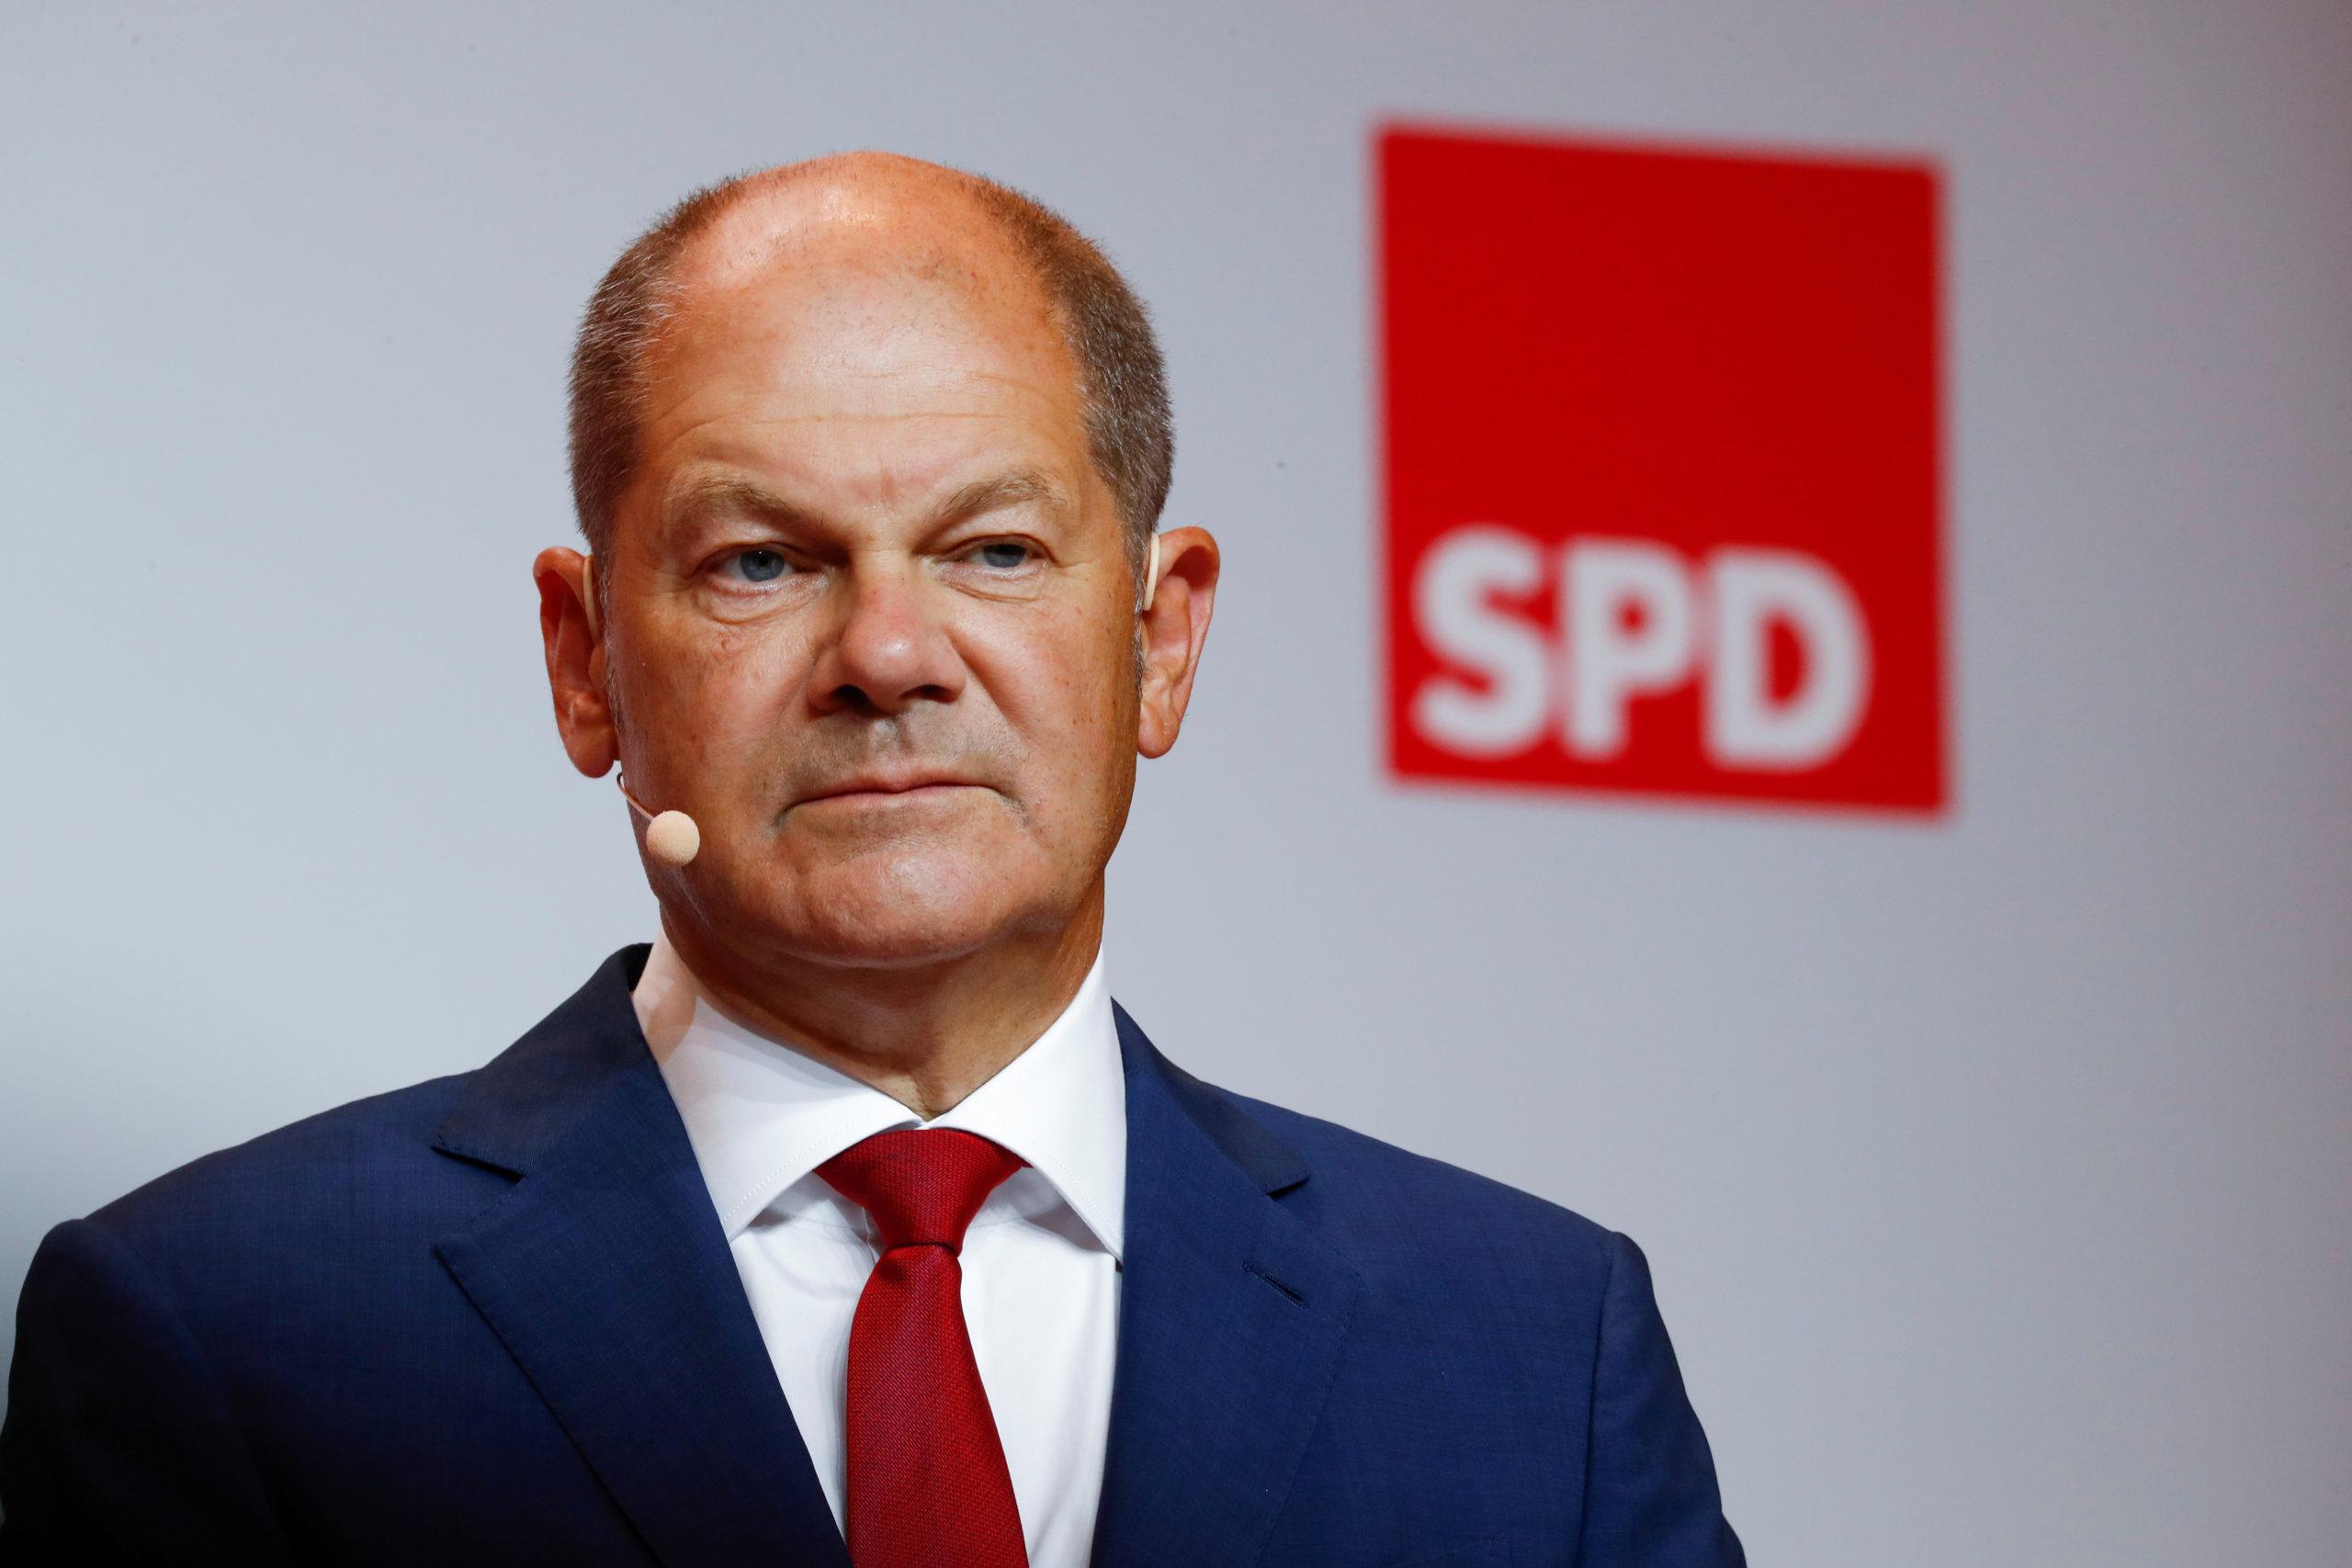 Allemagne: Le SPD choisit Scholz pour briguer la chancellerie en 2021